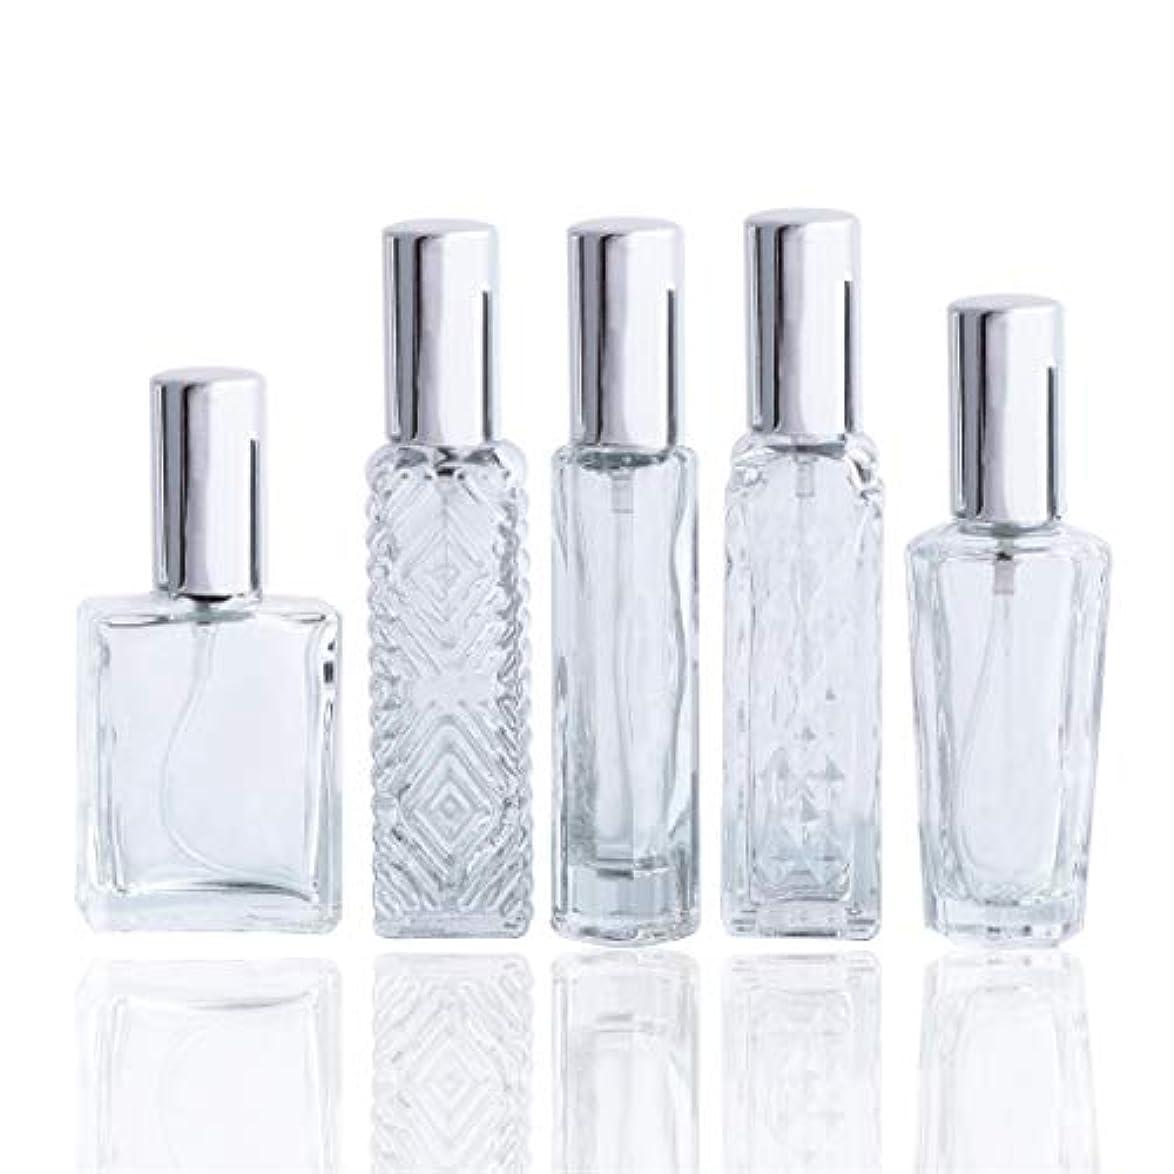 前任者バッテリー広範囲Waltz&Fクリアガラススプレー香水瓶 空きフレグランスボトル詰替用瓶アトマイザー分け瓶 旅行用品 化粧水用瓶